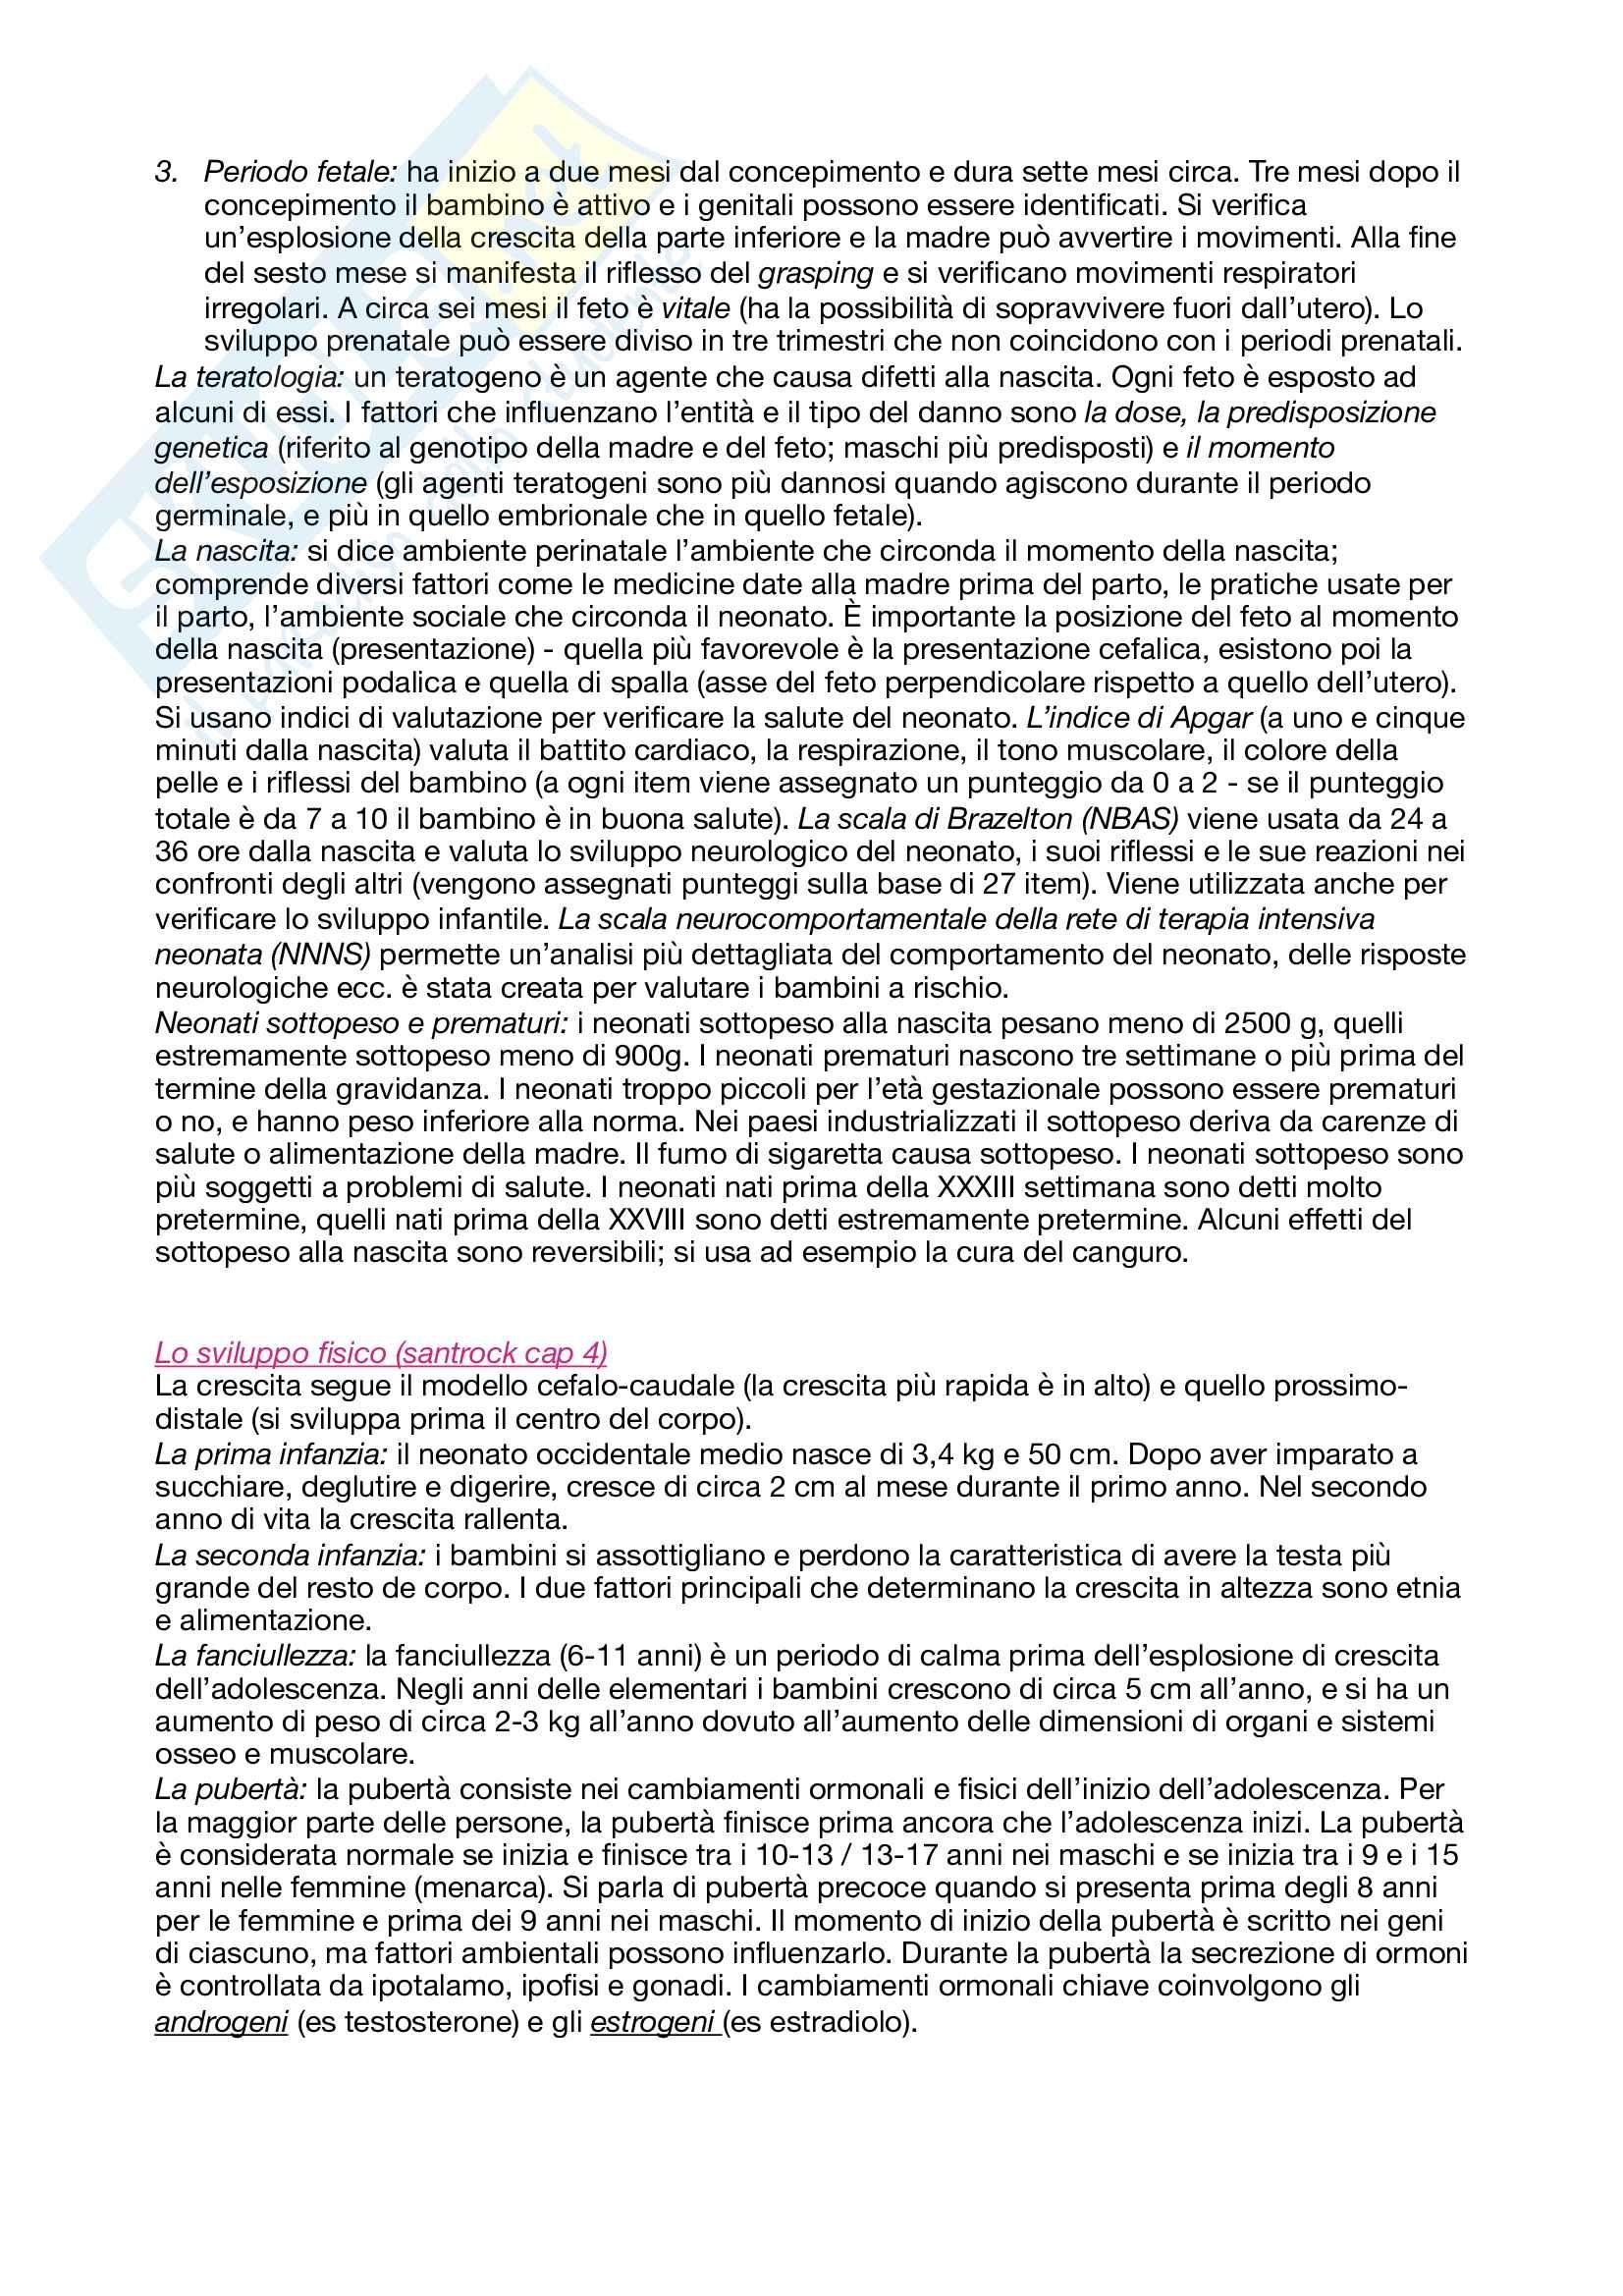 Psicologia dello sviluppo: appunti completi Pag. 2